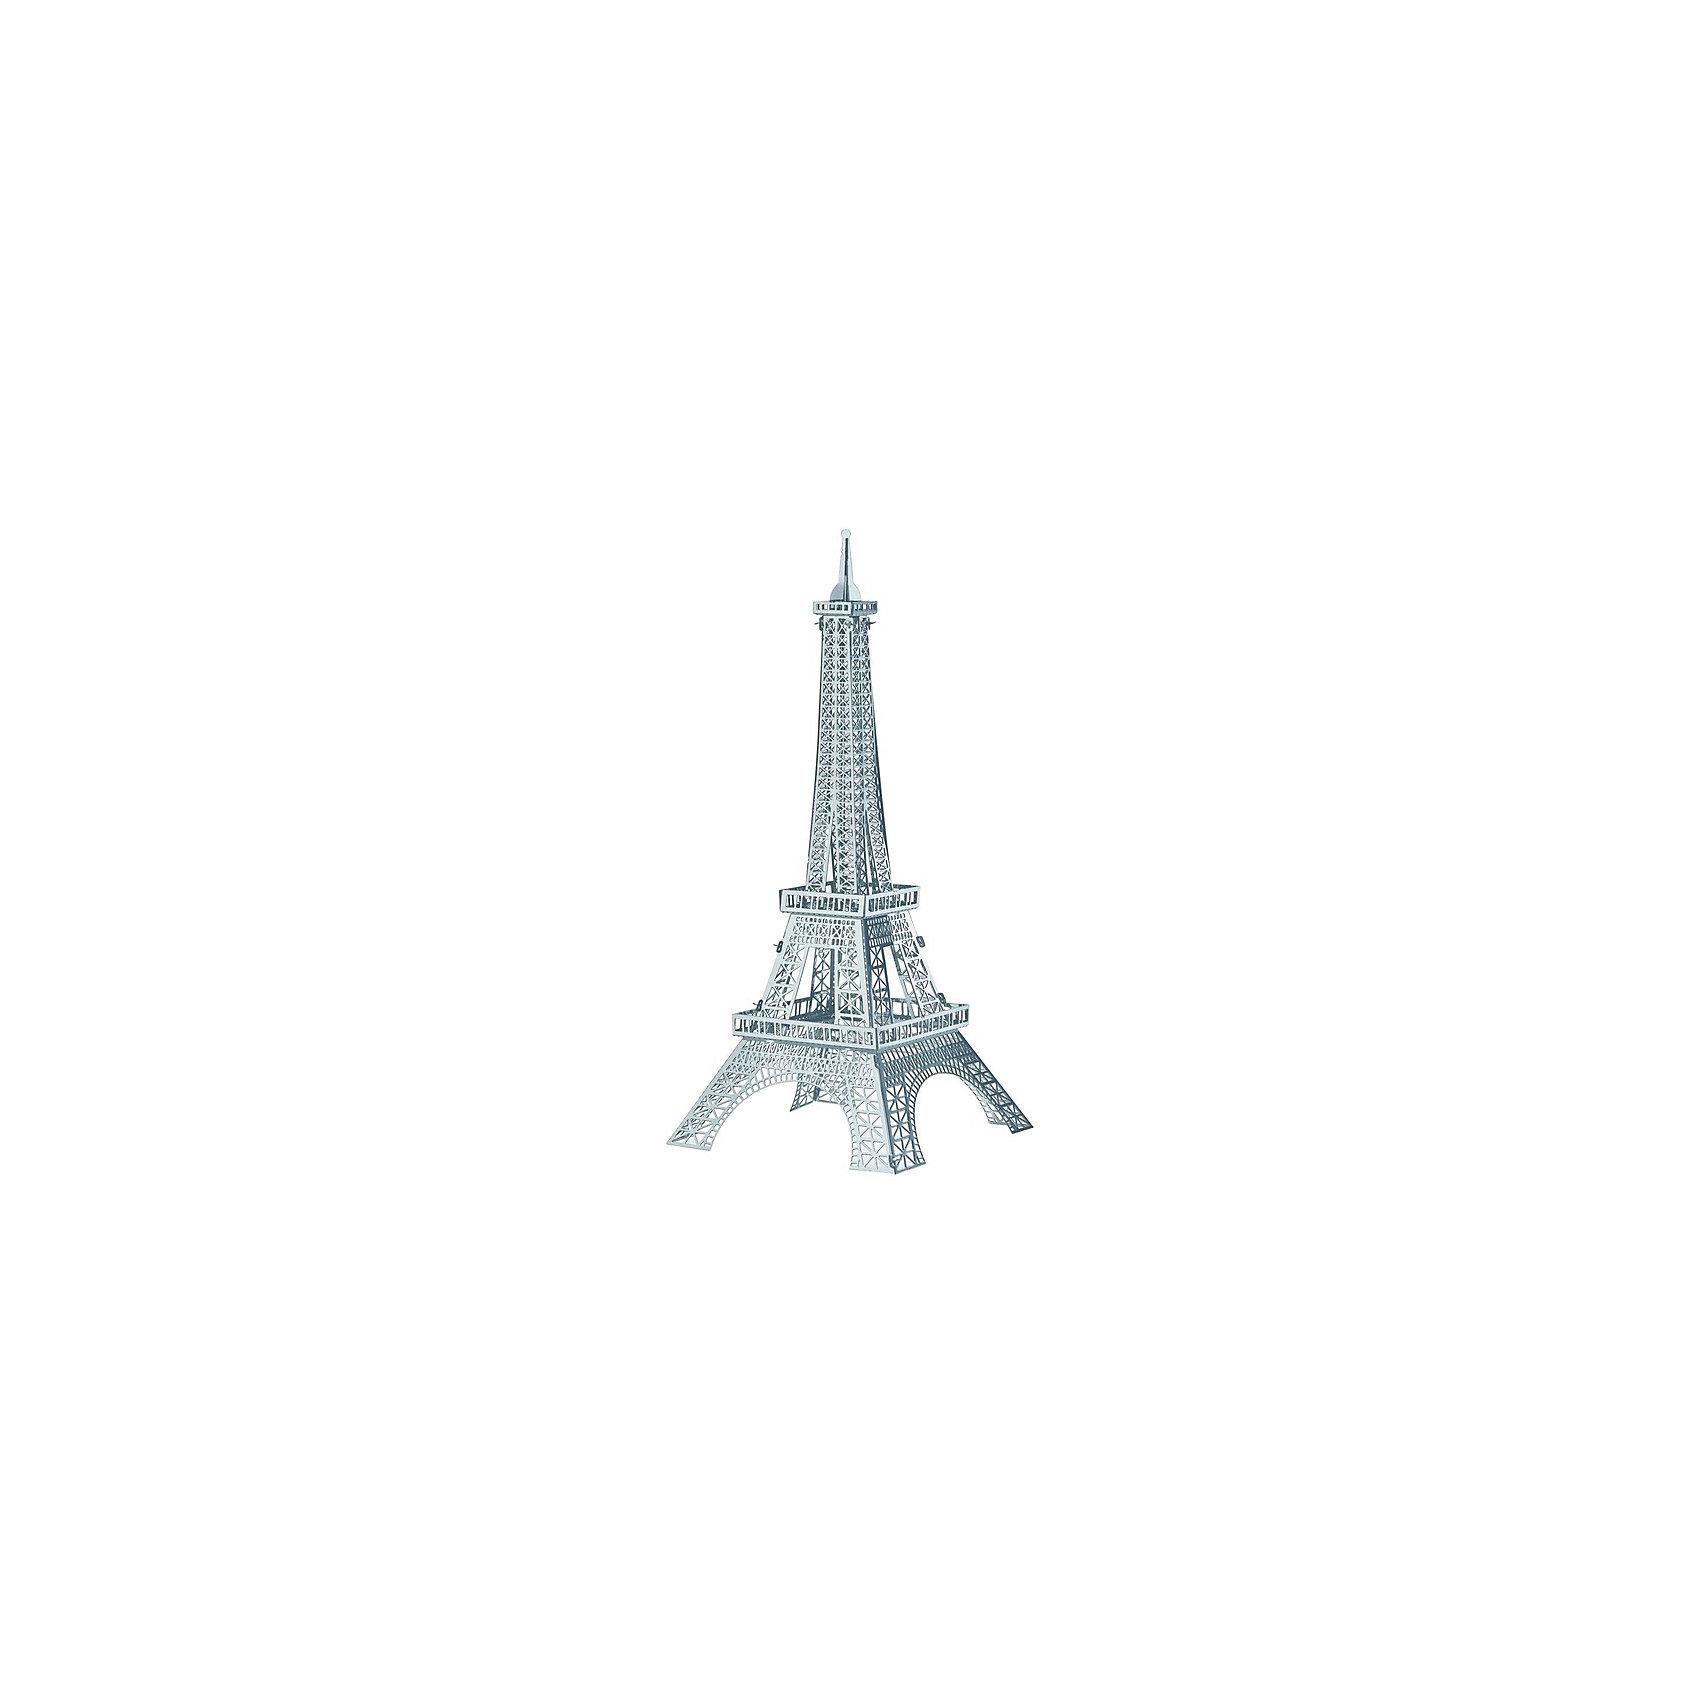 Сборная модель-3D Эйфелева Башня LМеталлические конструкторы<br><br><br>Ширина мм: 17<br>Глубина мм: 12<br>Высота мм: 10<br>Вес г: 27<br>Возраст от месяцев: 144<br>Возраст до месяцев: 2147483647<br>Пол: Унисекс<br>Возраст: Детский<br>SKU: 5362966